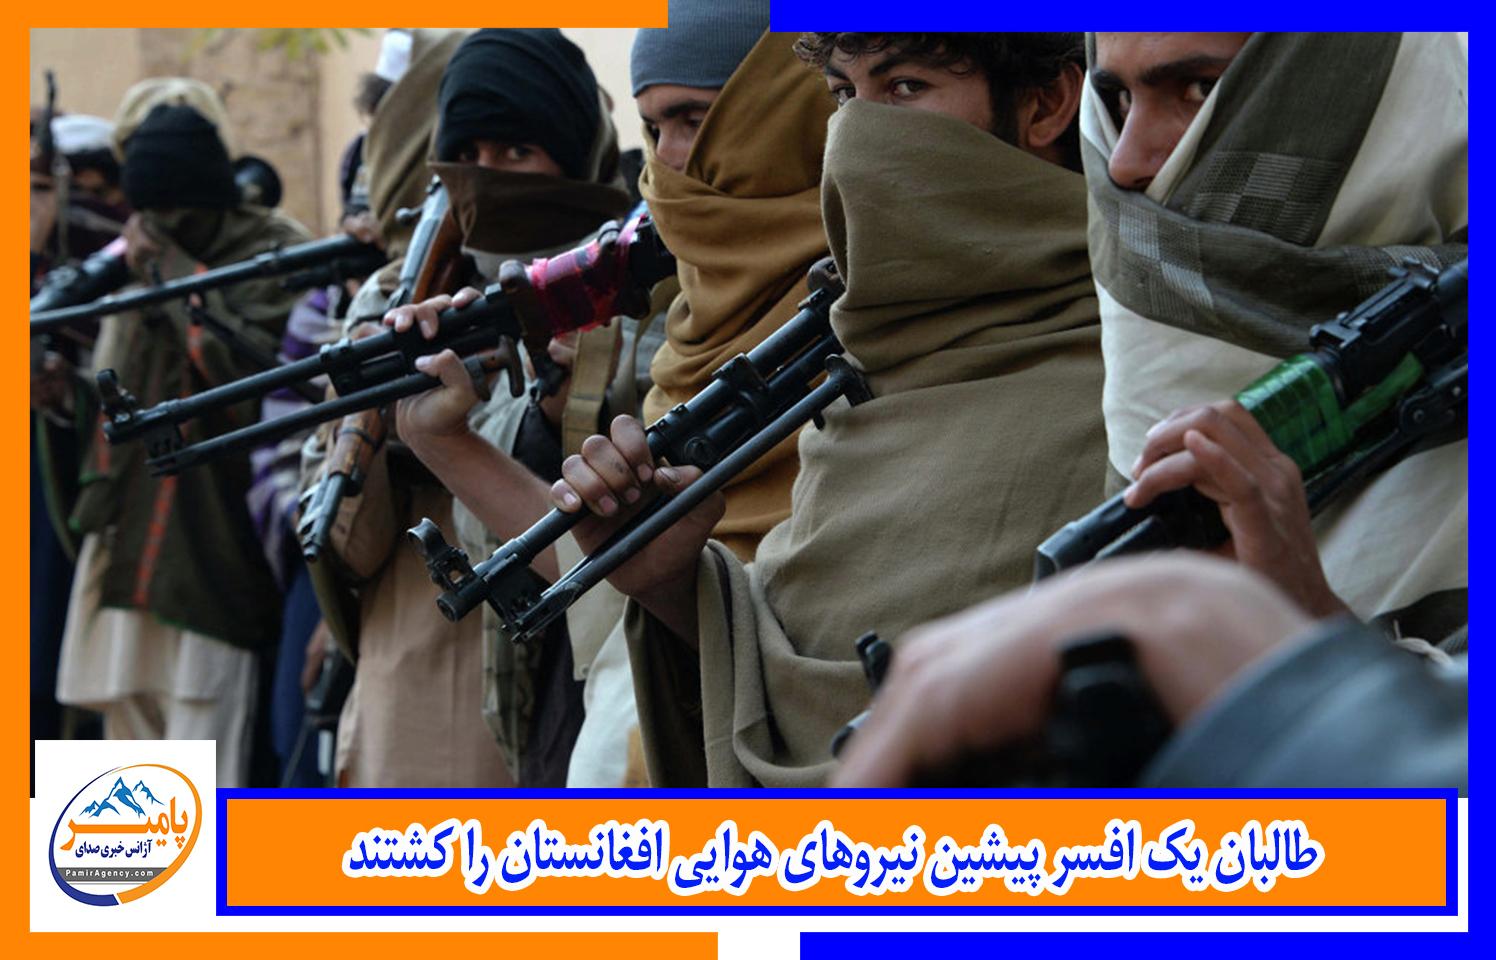 طالبان یک افسر پیشین نیروهای هوایی افغانستان را کشتند